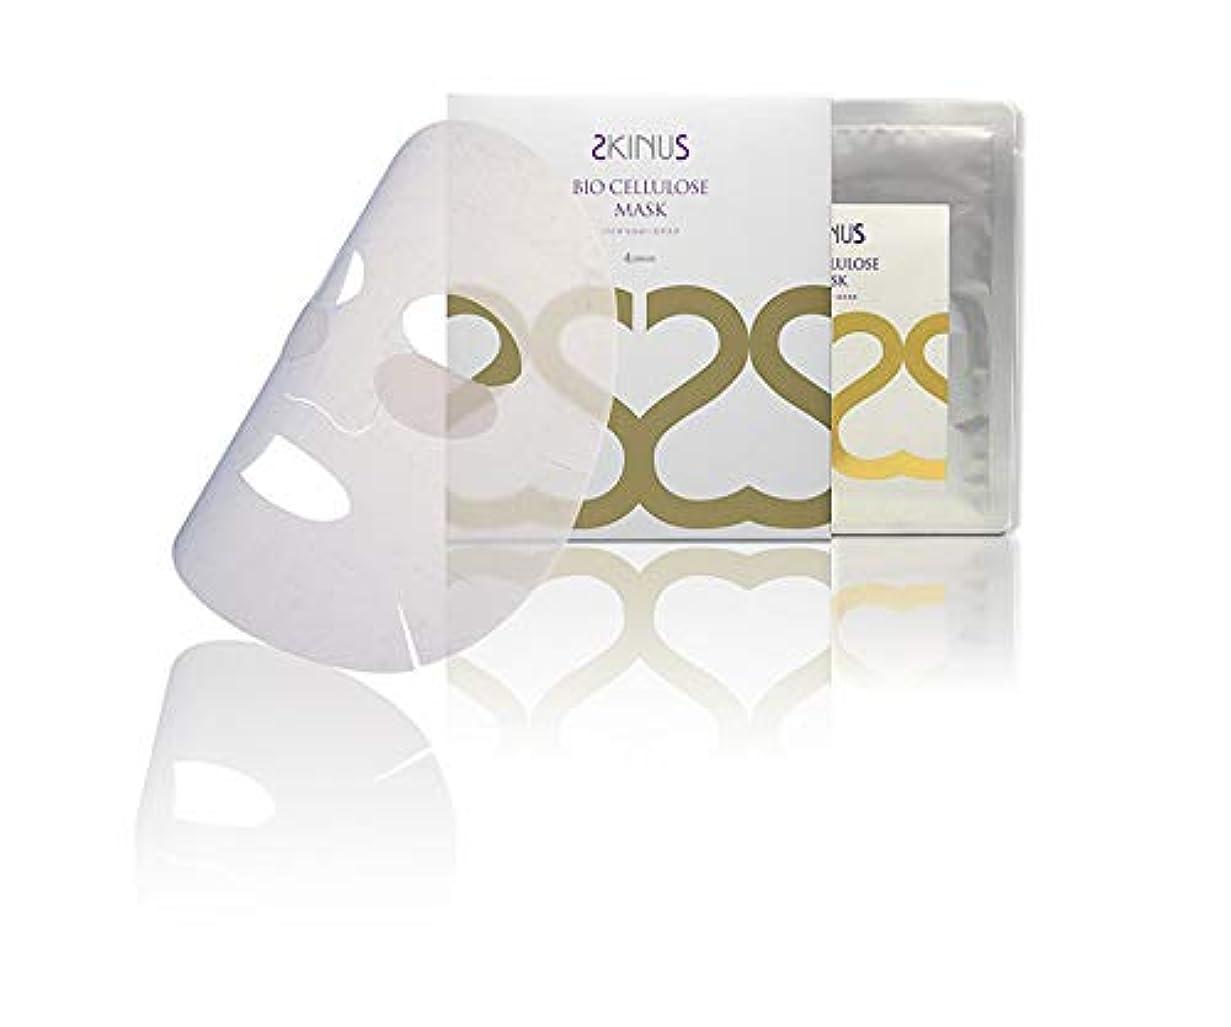 満足パイルスリムスキナス(SKINUS) バイオセルロースマスク 25mL×4枚 <シート状美容液マスク>